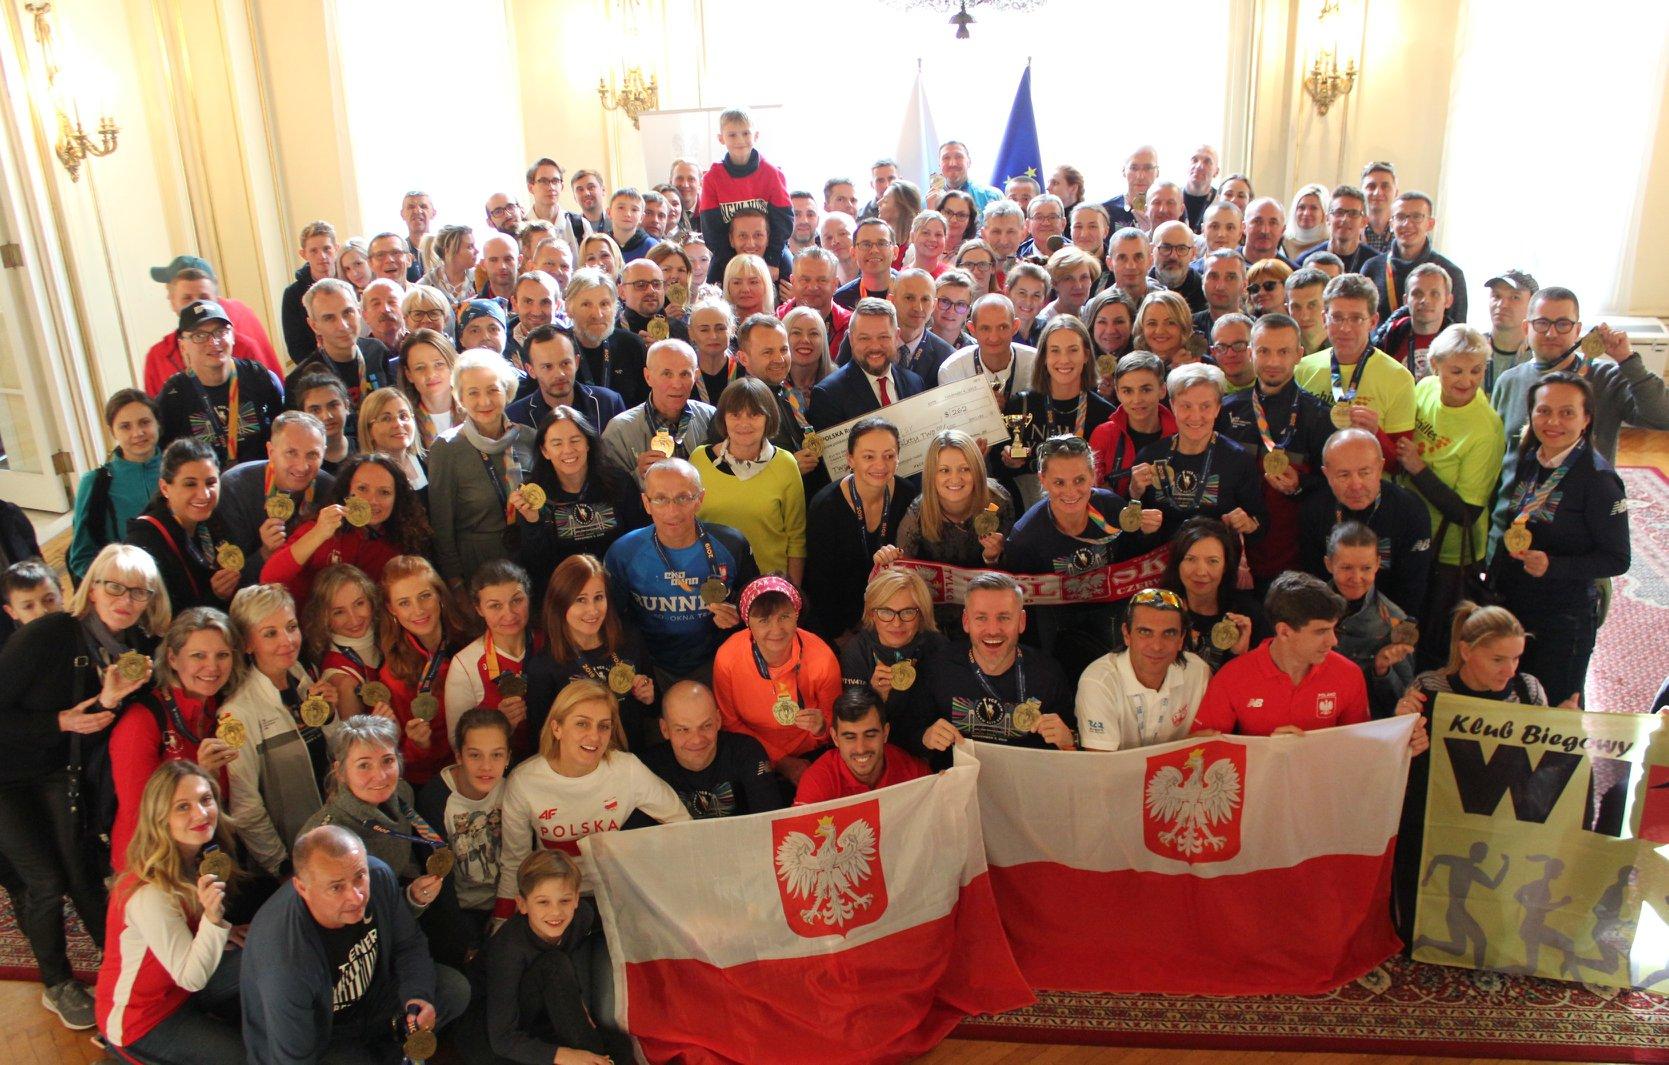 Polscy biegacze Maratonu Nowojorskiego 2019 spotkali się w Konsulacie RP